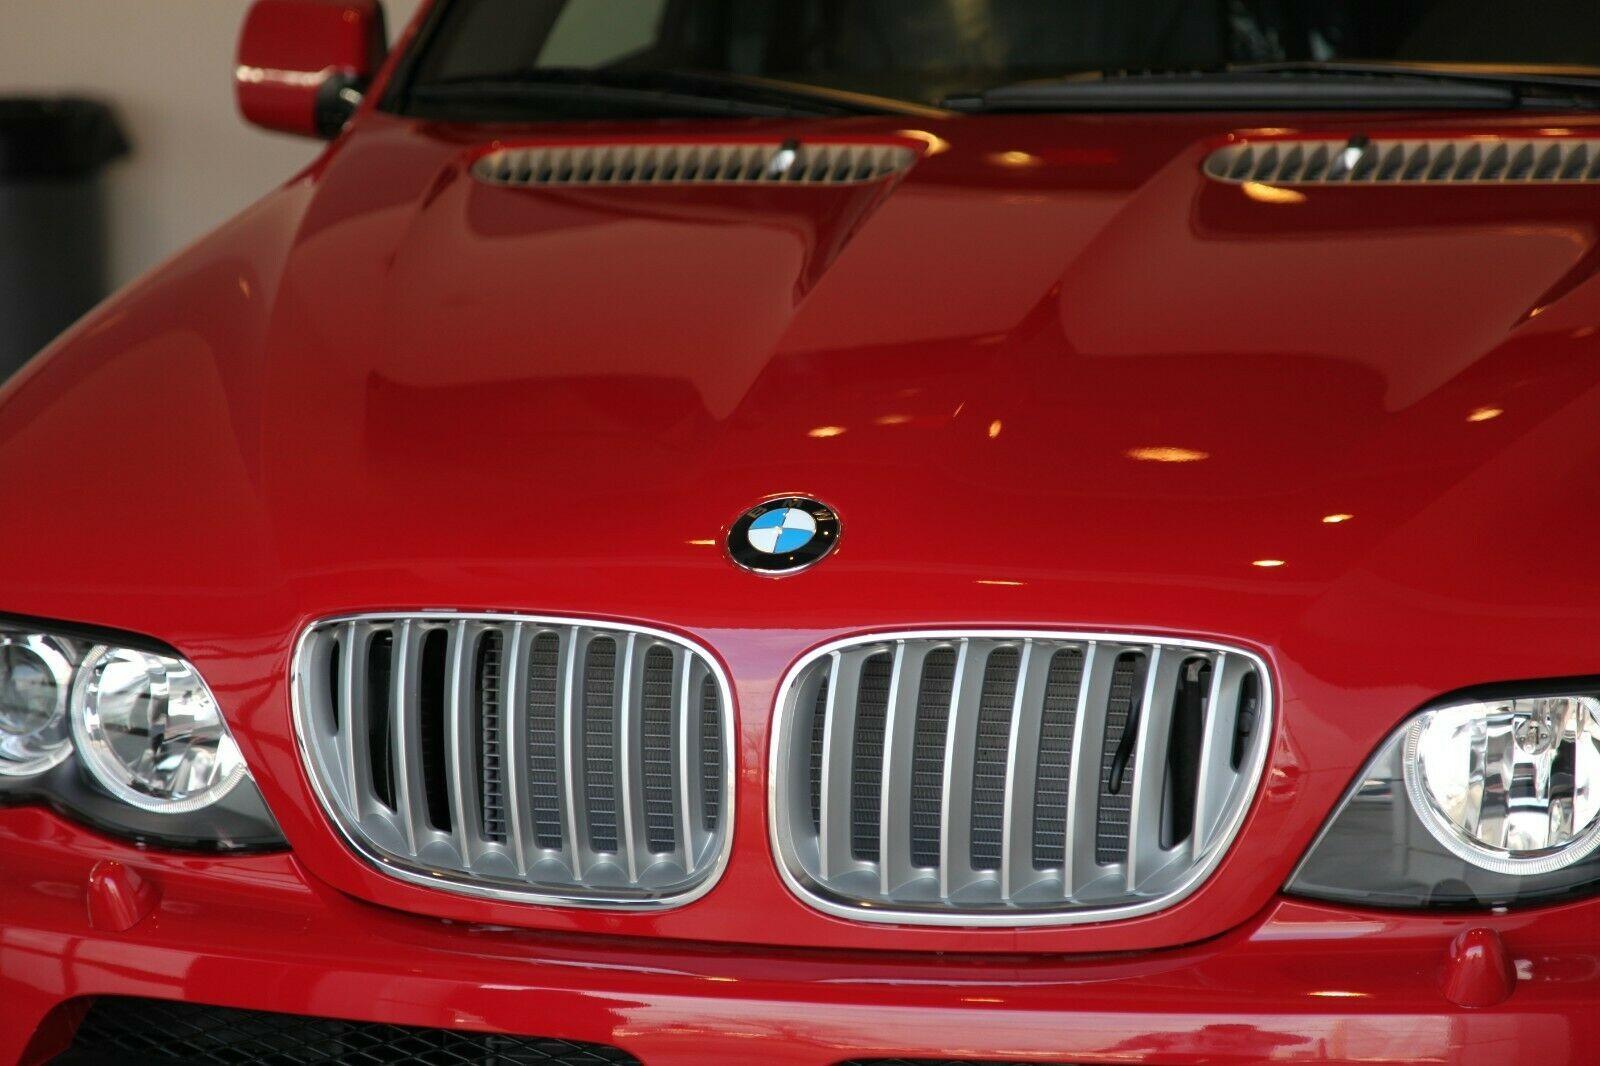 BMW X5 cu 11.136 kilometri la bord - BMW X5 cu 11.136 kilometri la bord